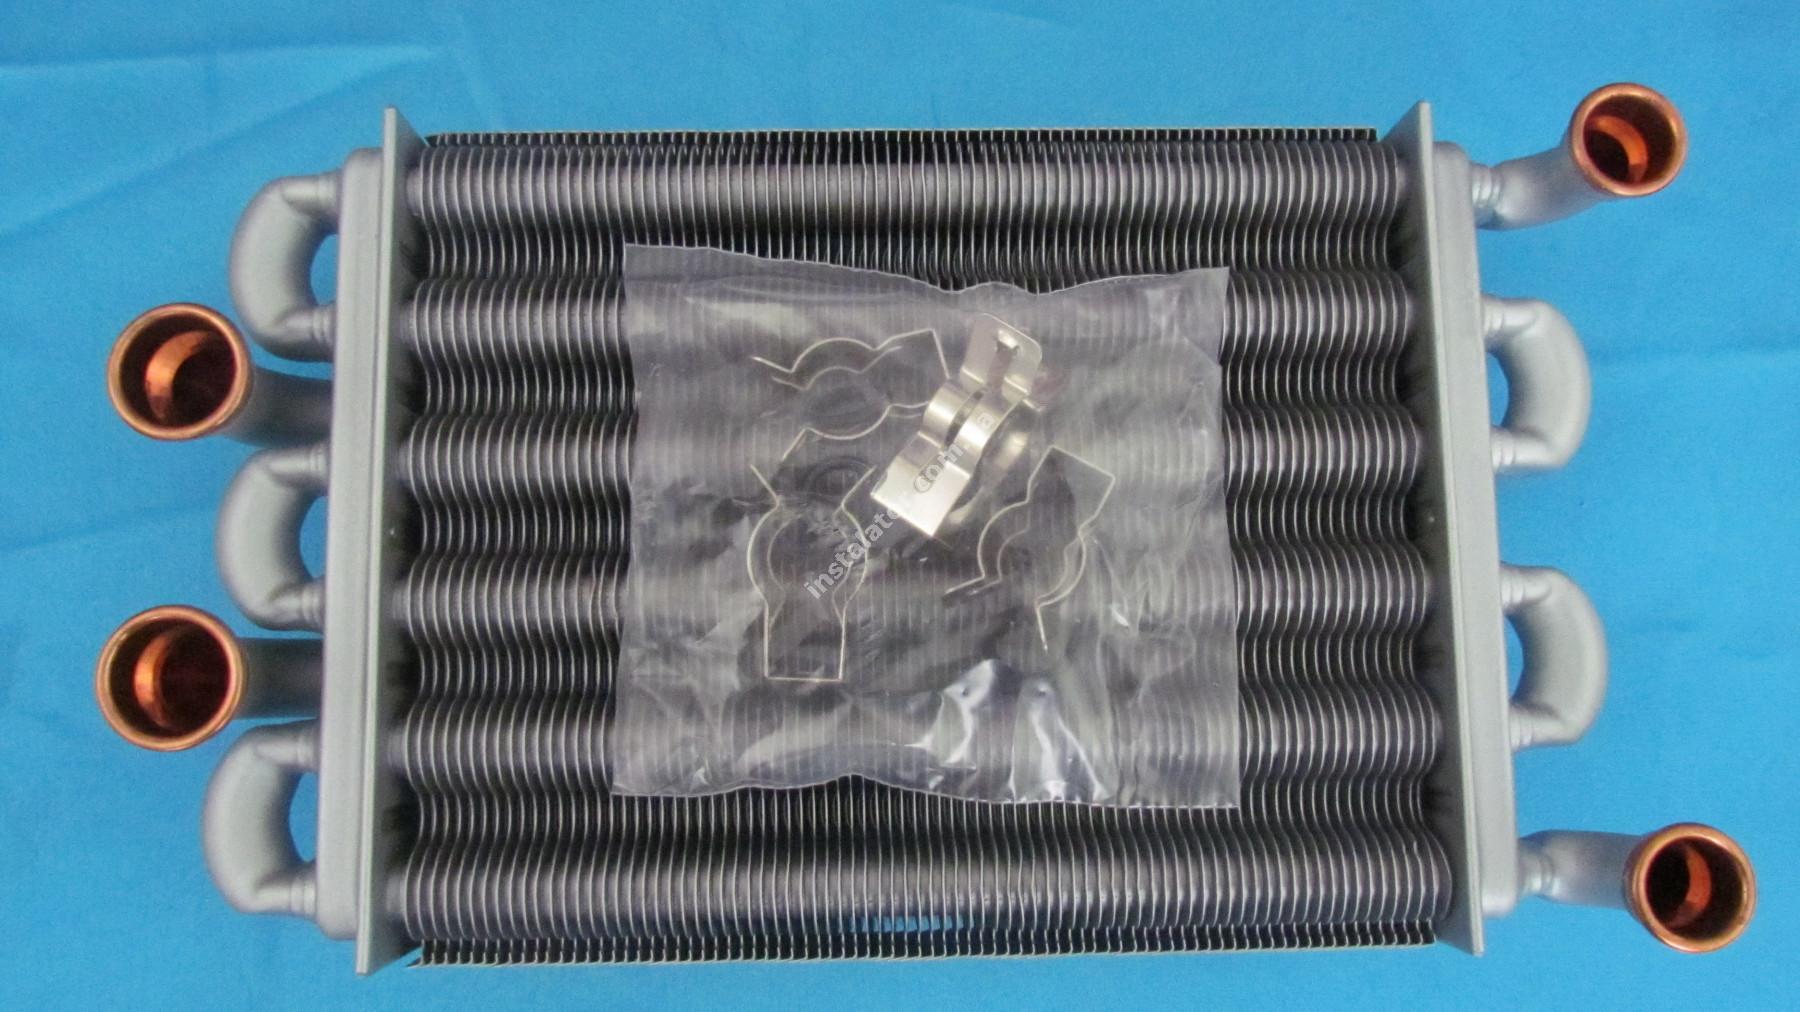 65106300 Теплообмінник бітермічний ARISTON EGIS FF  full-image-0